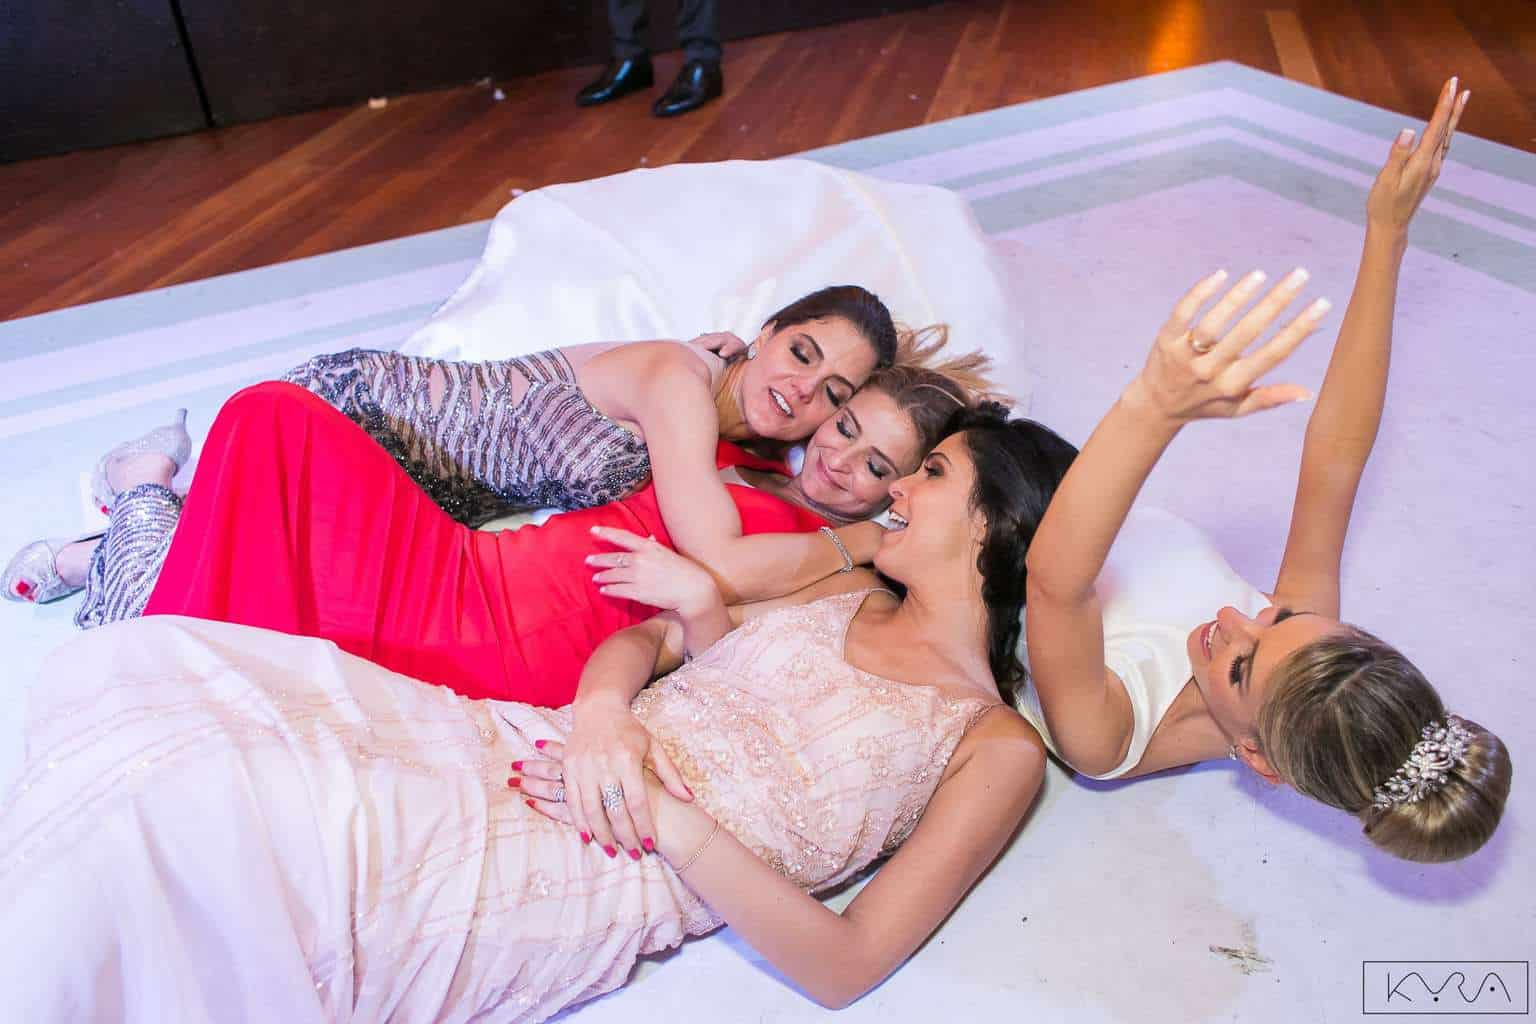 ana-carolina-e-bernardo-Anna-Carolina-Werneck-beleza-da-noiva-casamento-tradicional-festa-Gavea-Golf-Club-Kyra-Mirsky-making-of-mini-wedding-noiva-verde-e-rosa-casamento-41